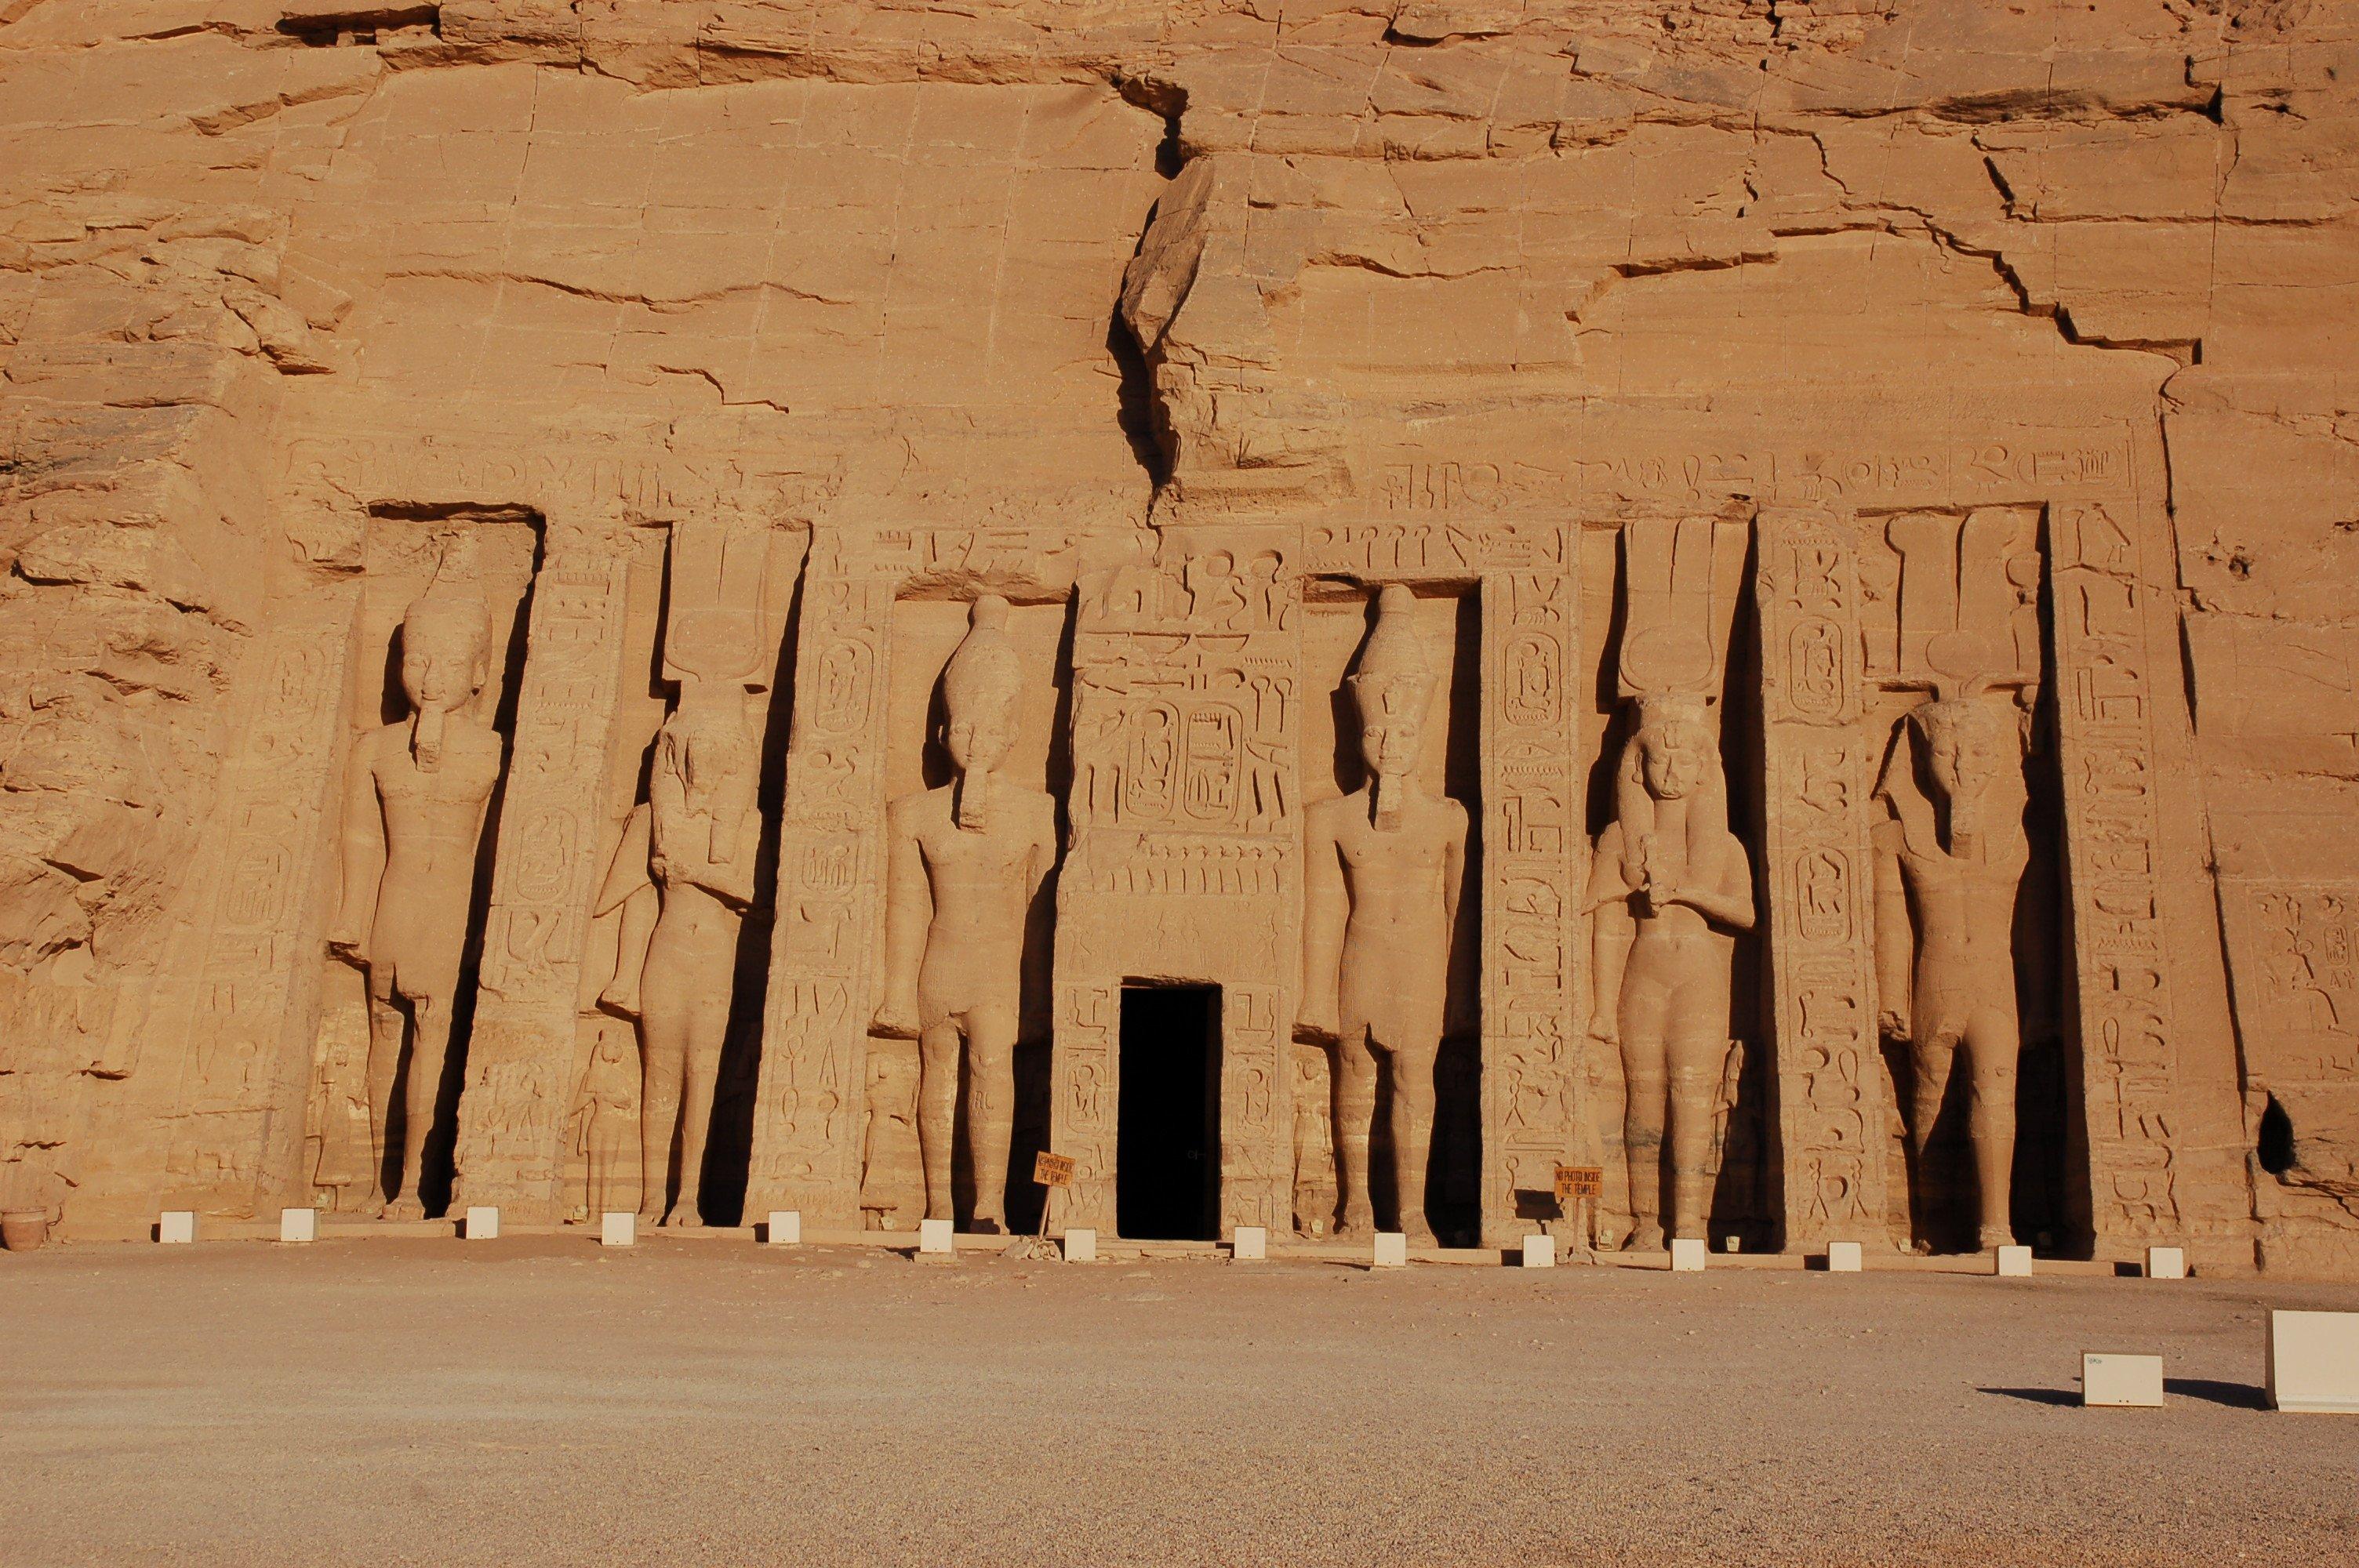 wycieczka do luksoru z hurghady, Asuanu i Abu Simble